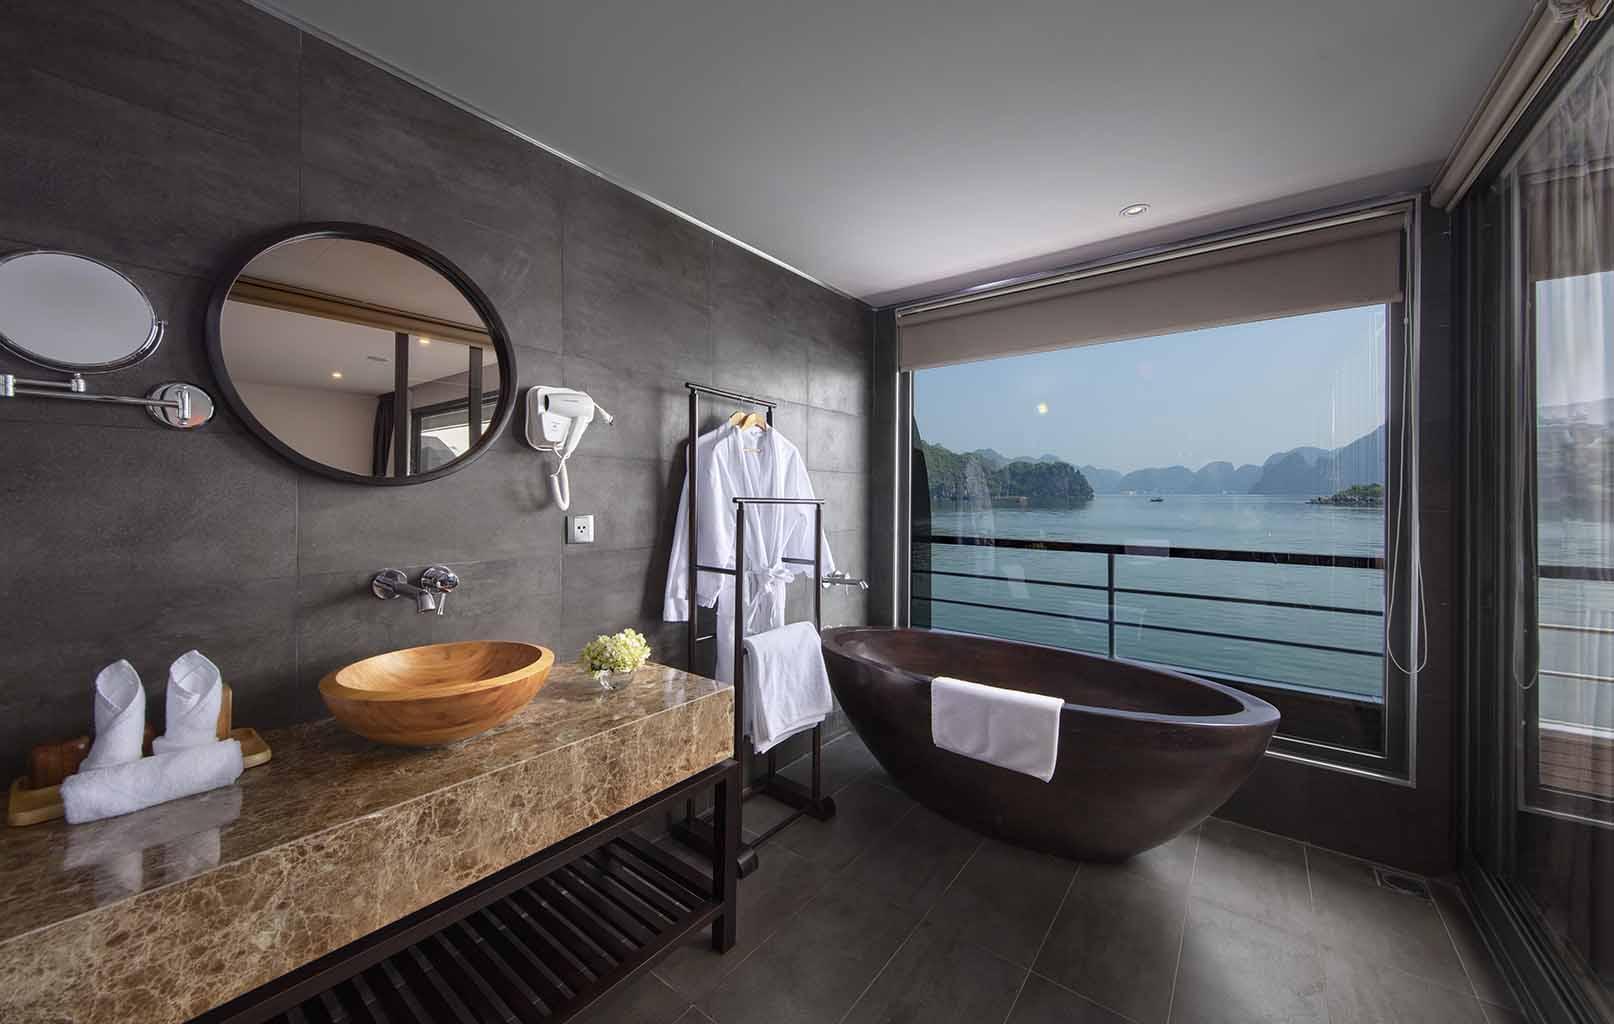 Golden Bath